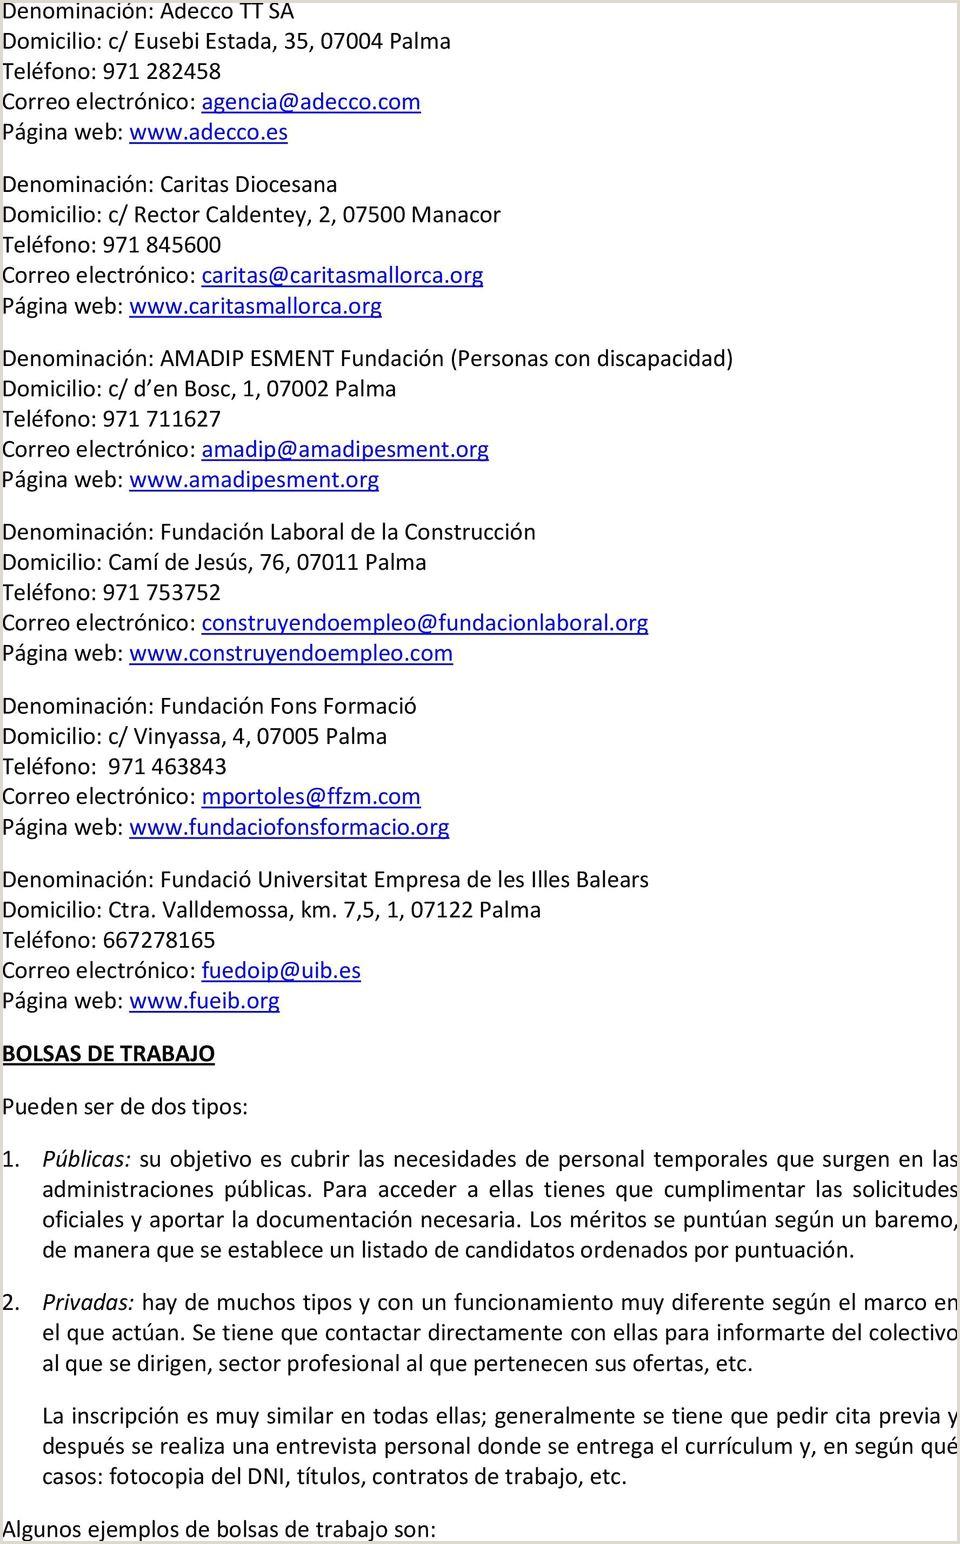 Formato De Hoja De Vida Adecco Manual Para La Bšsqueda De Empleo Pdf